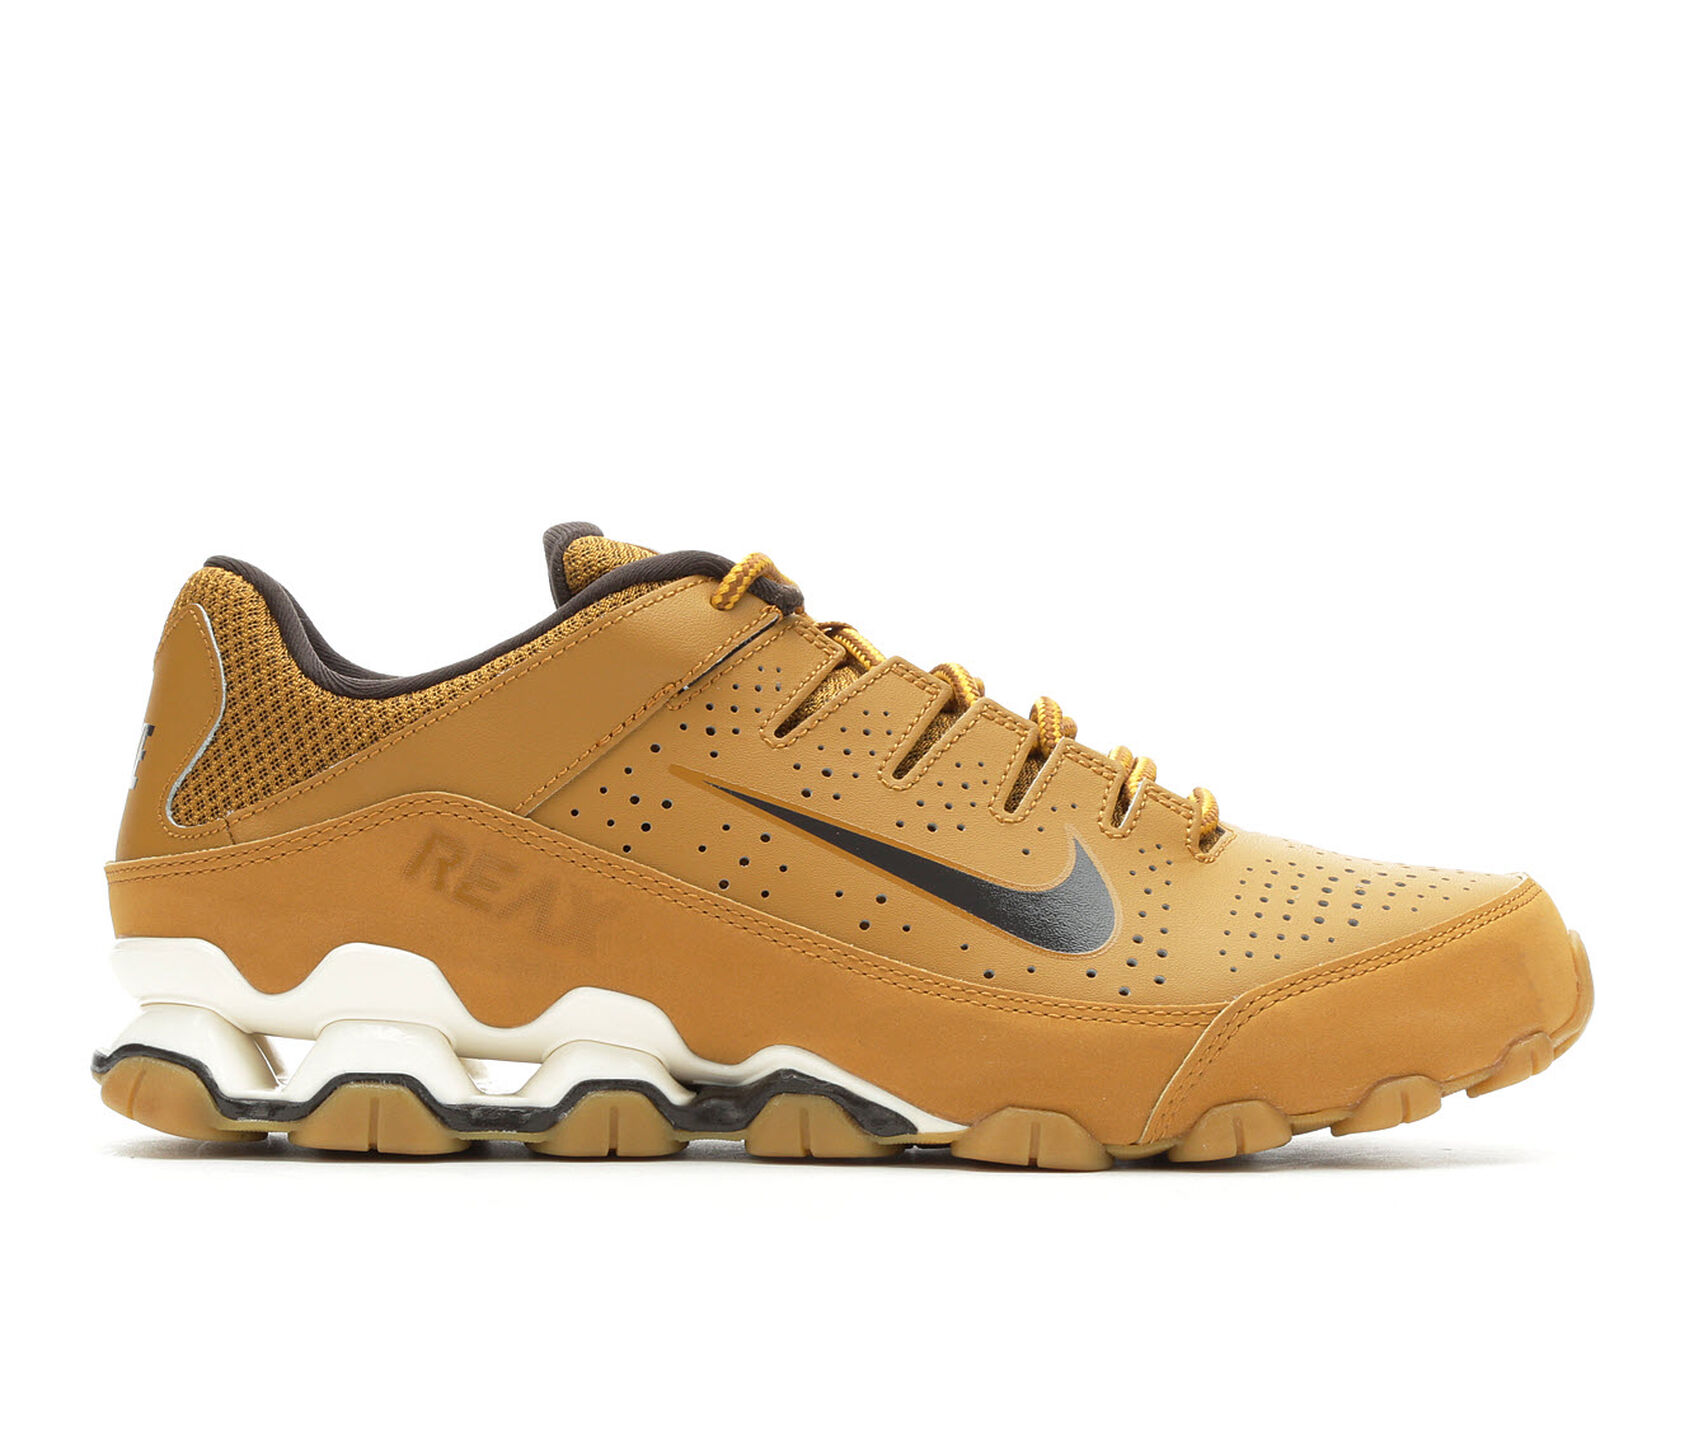 hot sale online d2c80 c03c1 ... Nike Reax 8 TR Training Shoes. Previous